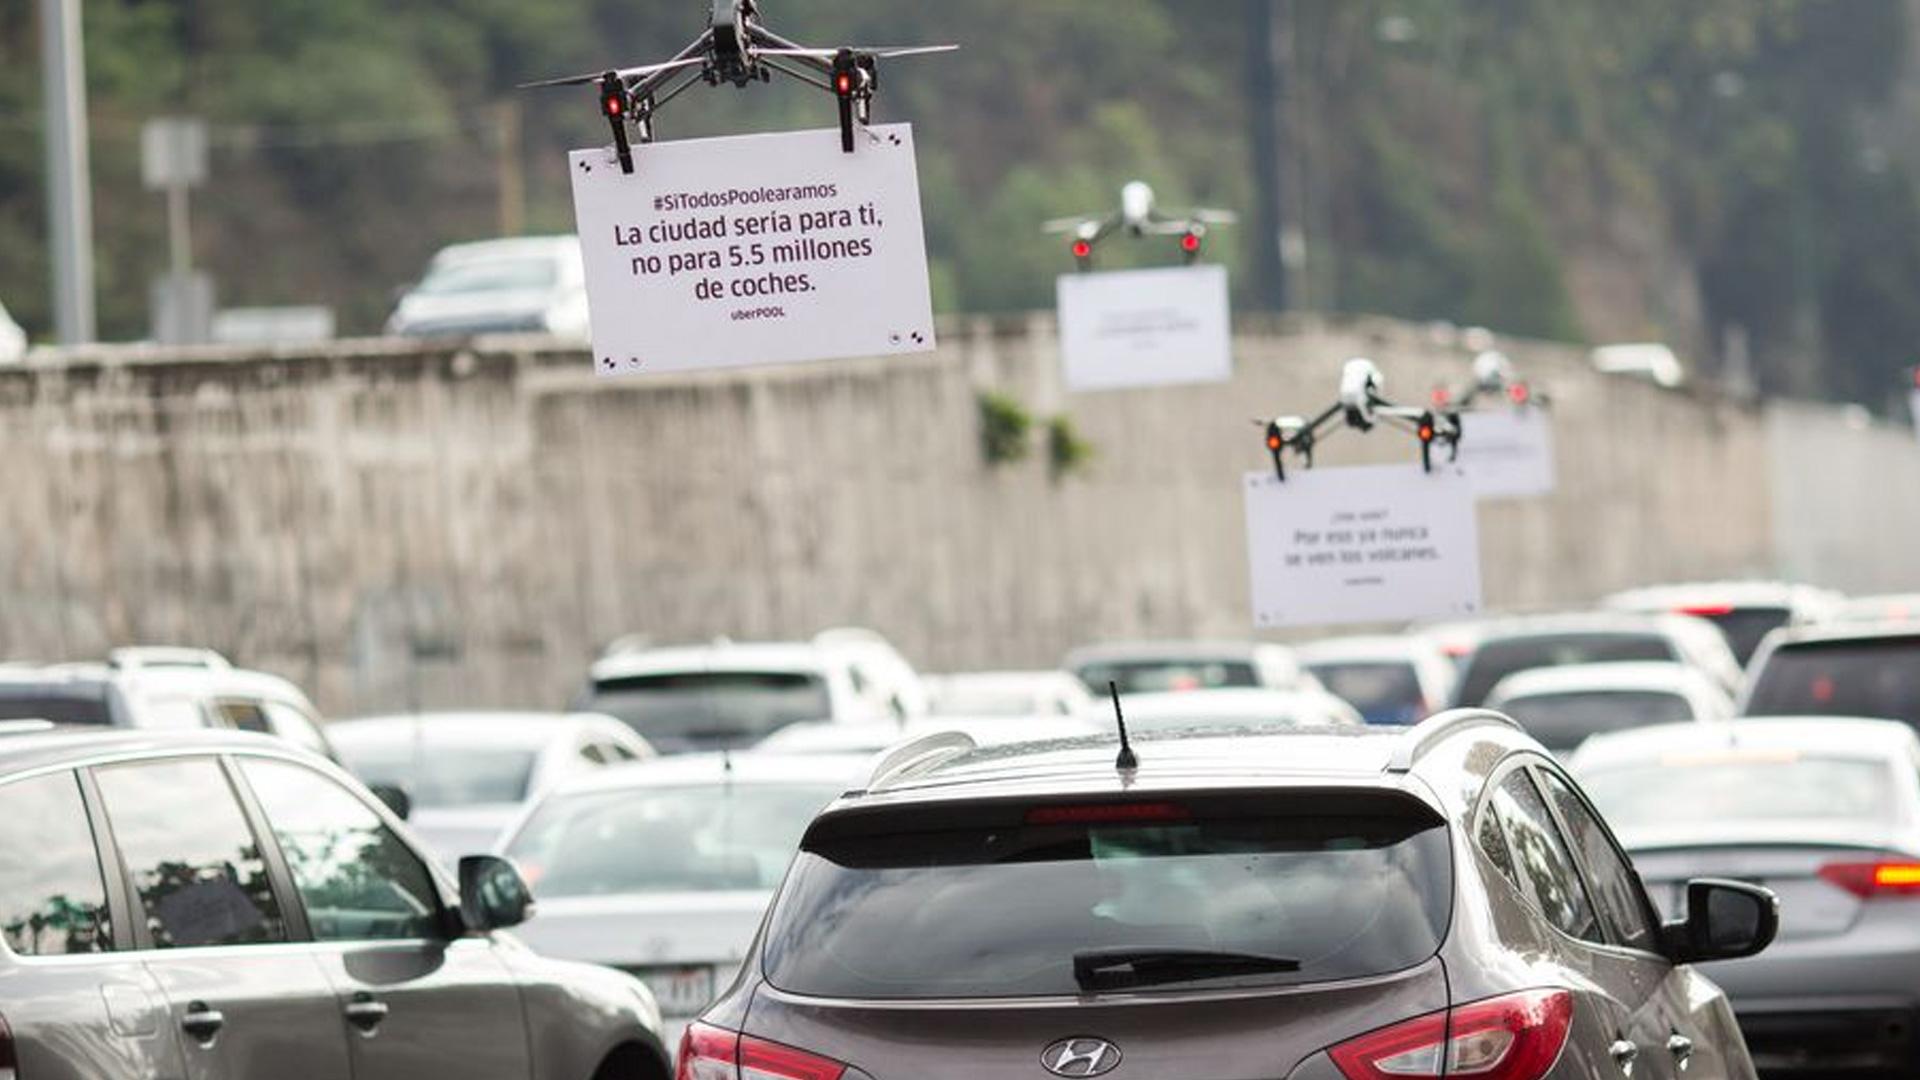 uber a utilis des drones pour mettre de la pub devant les voitures tech numerama. Black Bedroom Furniture Sets. Home Design Ideas